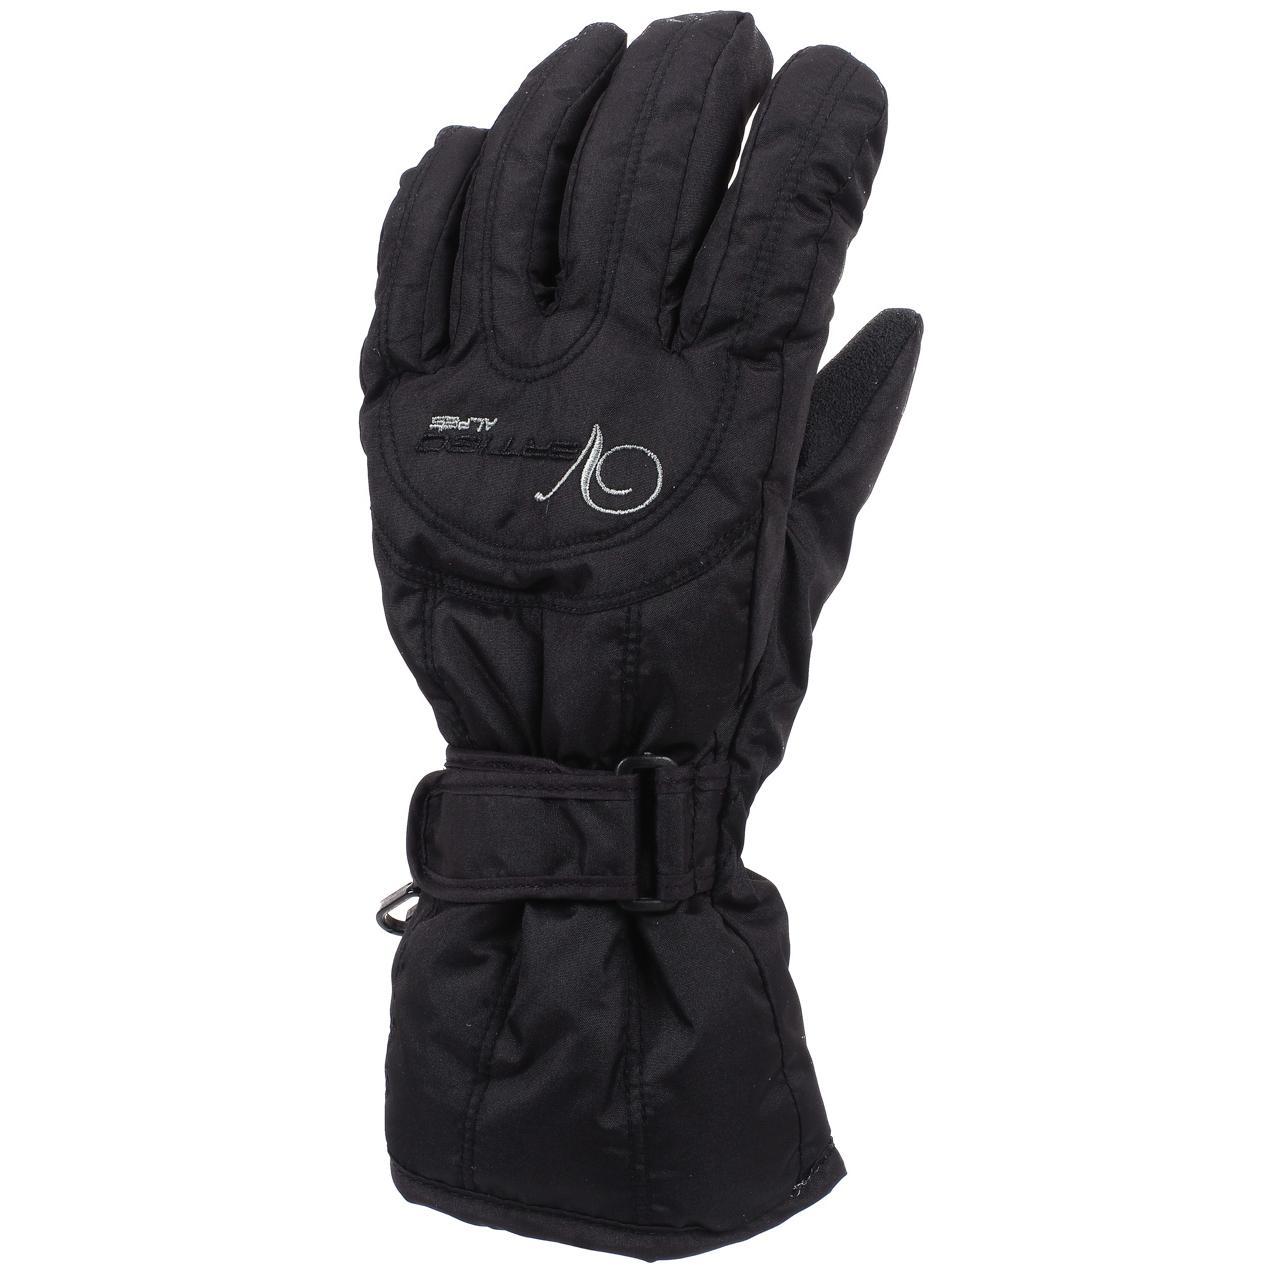 Ski-Gloves-Alpes-Vertigo-Annick-Black-Gloves-Ski-L-Black-25427-New